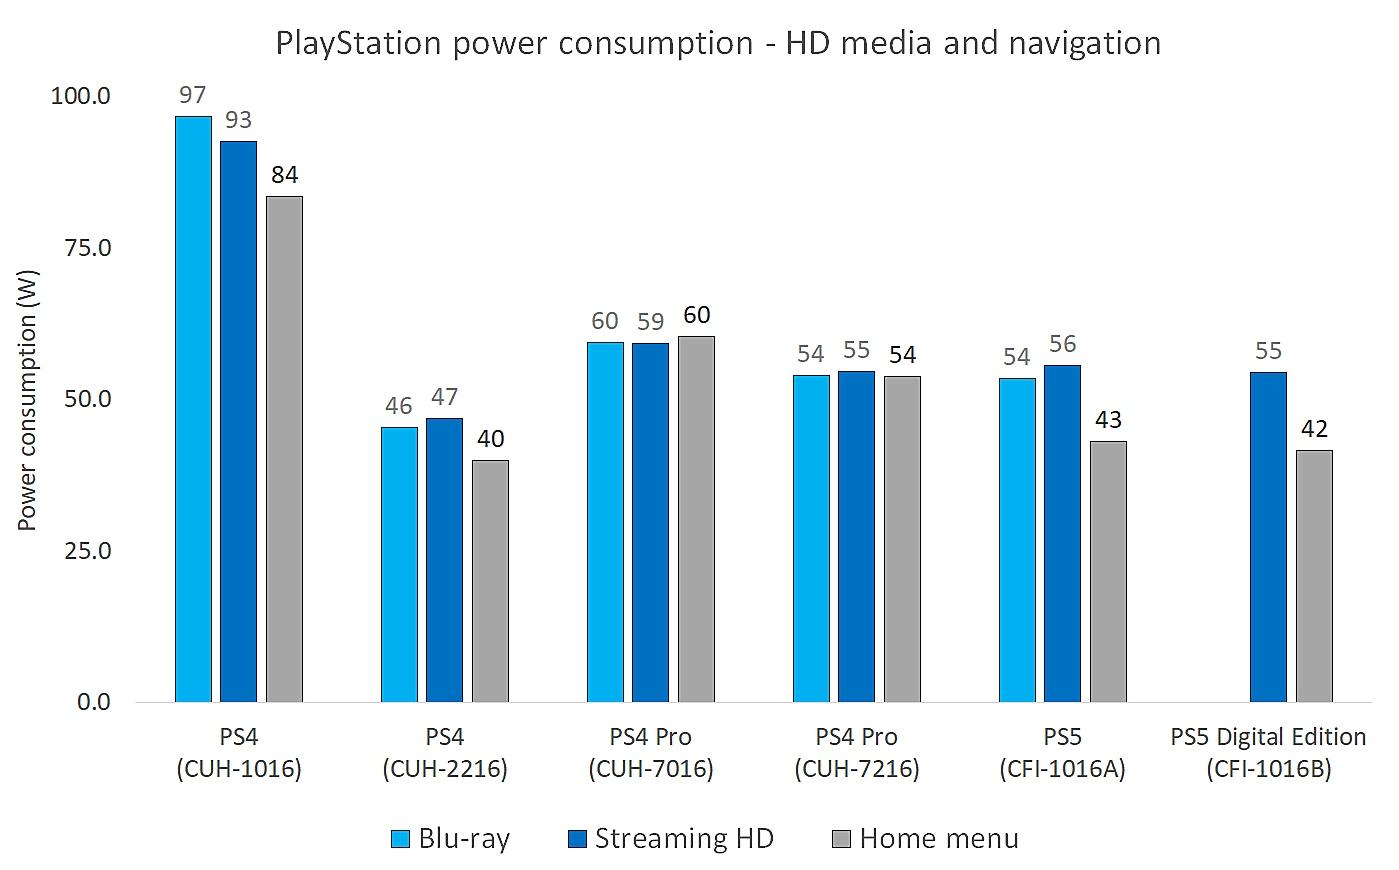 استهلاك طاقة PlayStation للوسائط عالية الجودة والملاحة